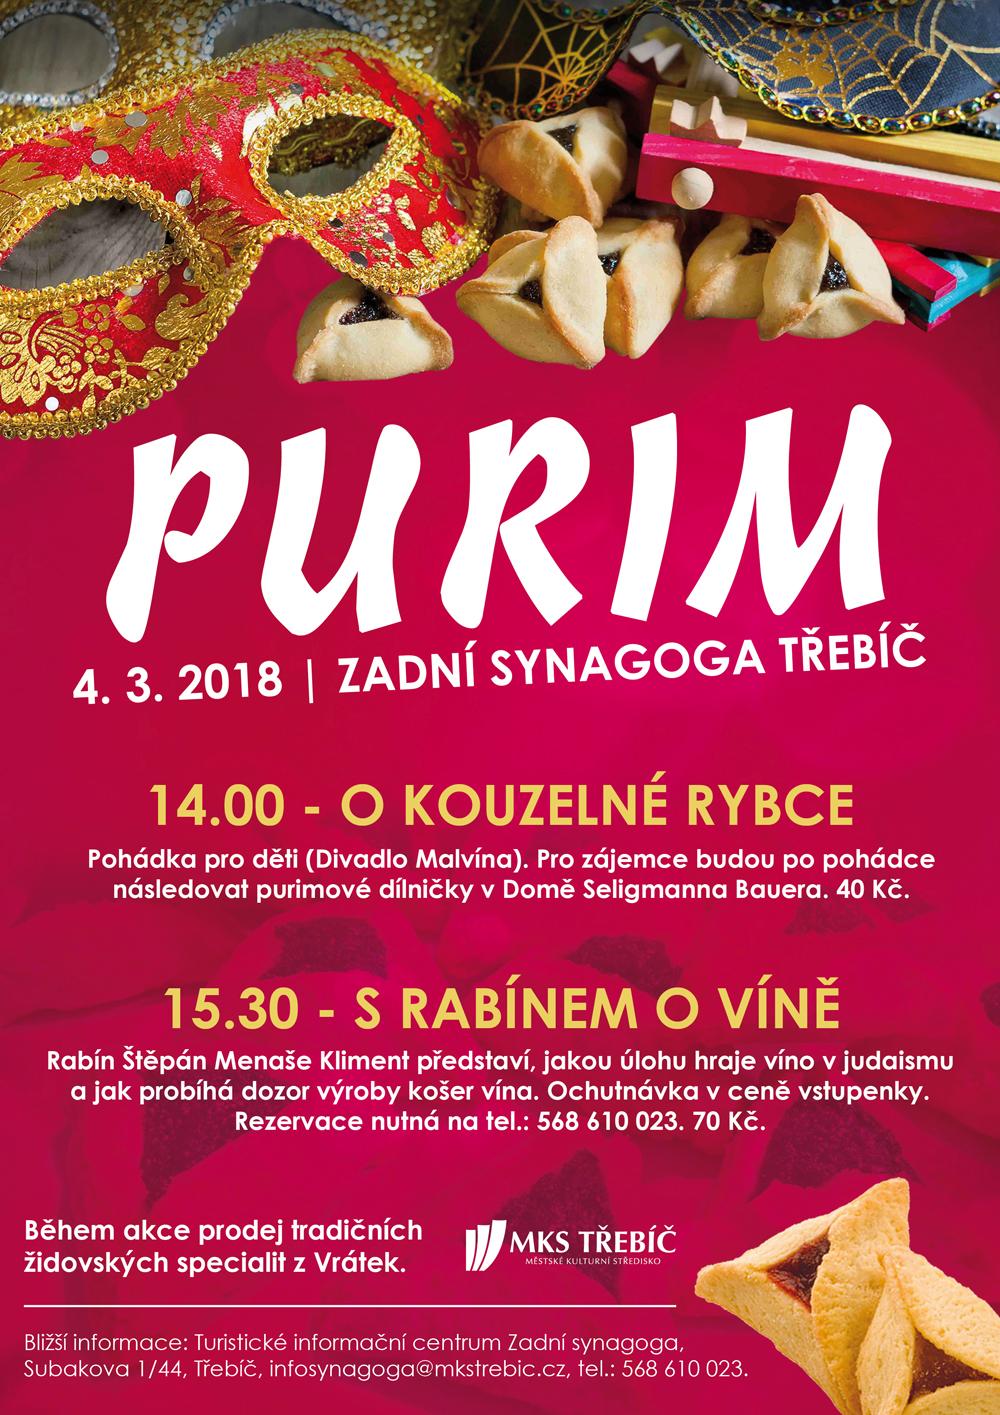 Purim - nejveselejší židovský svátek @ Zadní synagoga | Třebíč | Česko